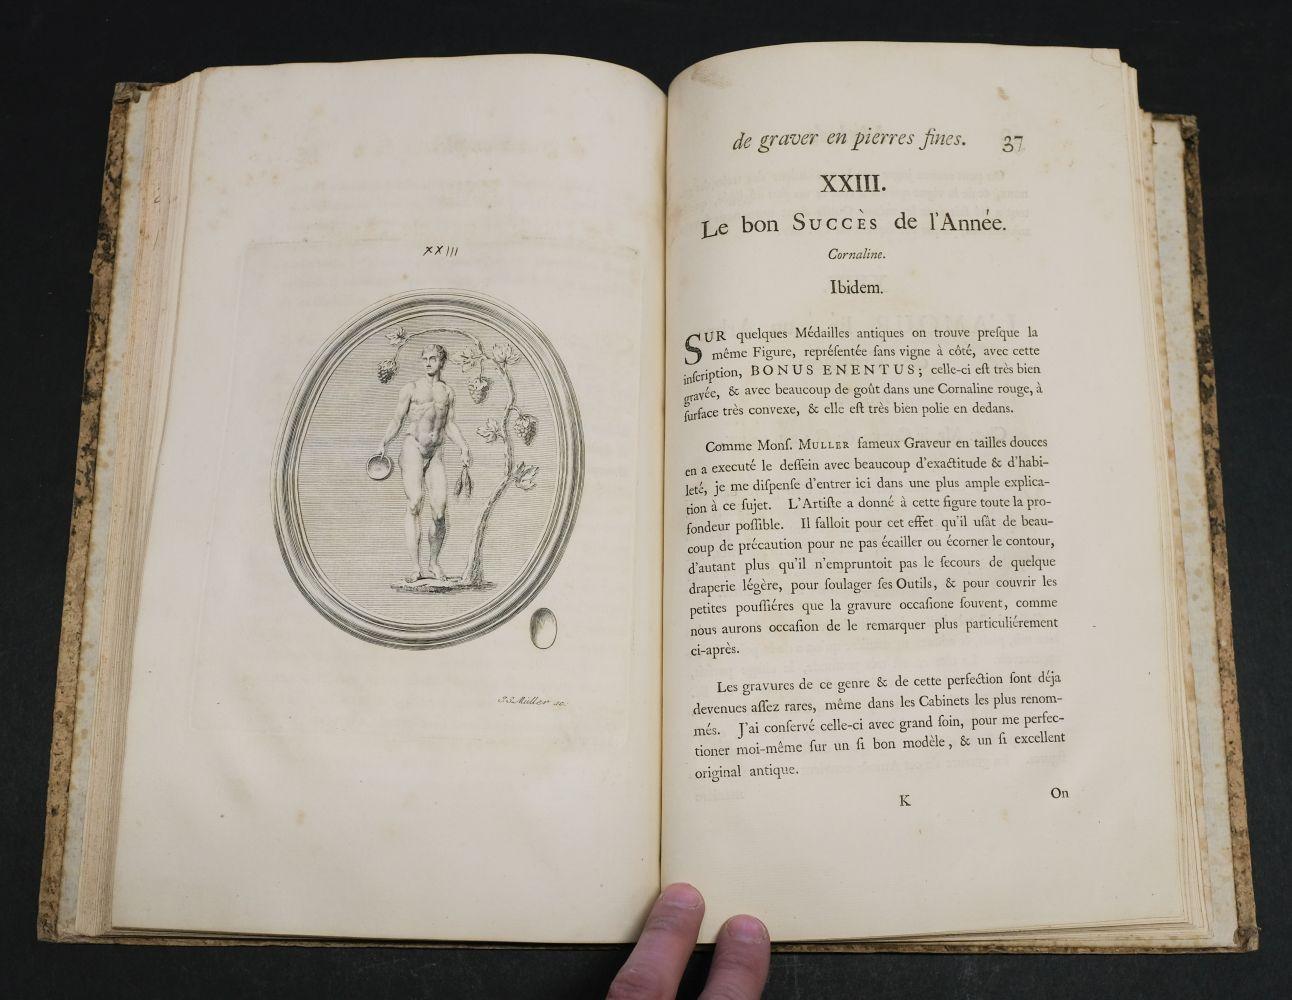 Natter (Johann Lorenz). Traite de la Methode Antique, 1754 - Image 6 of 7